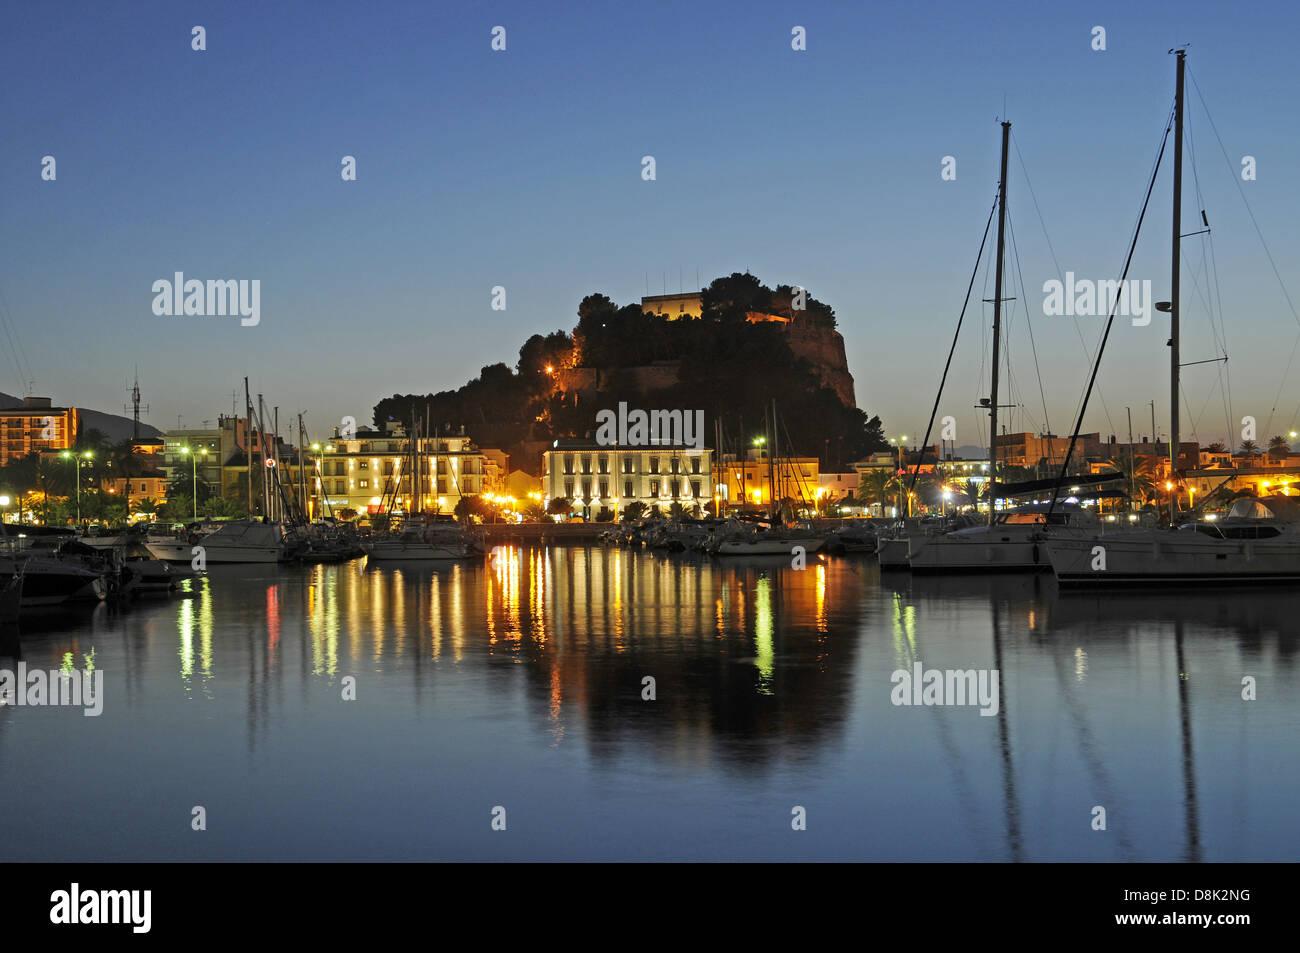 Hafen und Burg - Stock Image